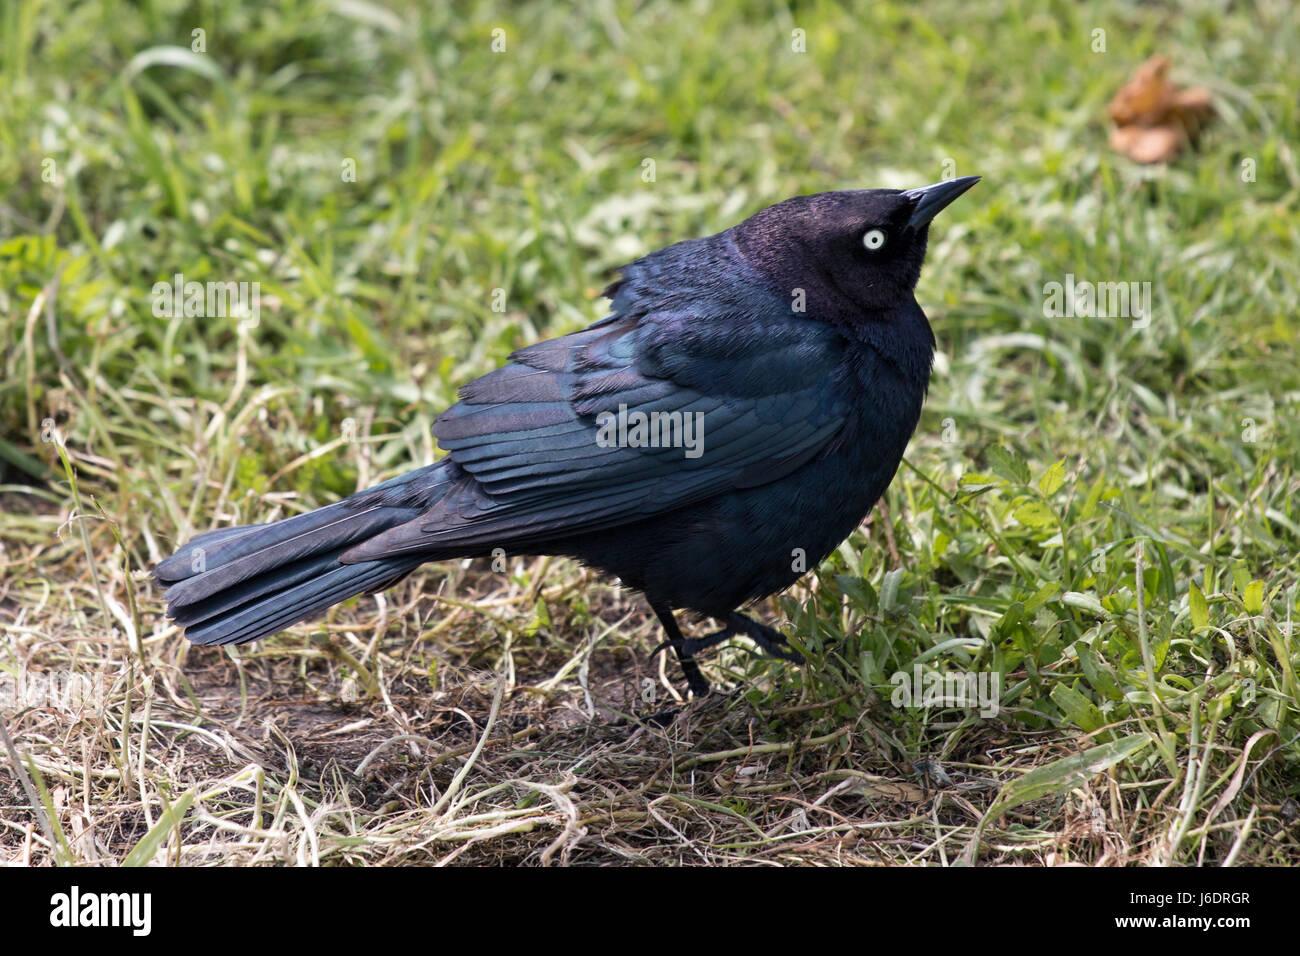 Schwarzer Vogel auf der Wiese, auf der Suche nach Nahrung Stockfoto